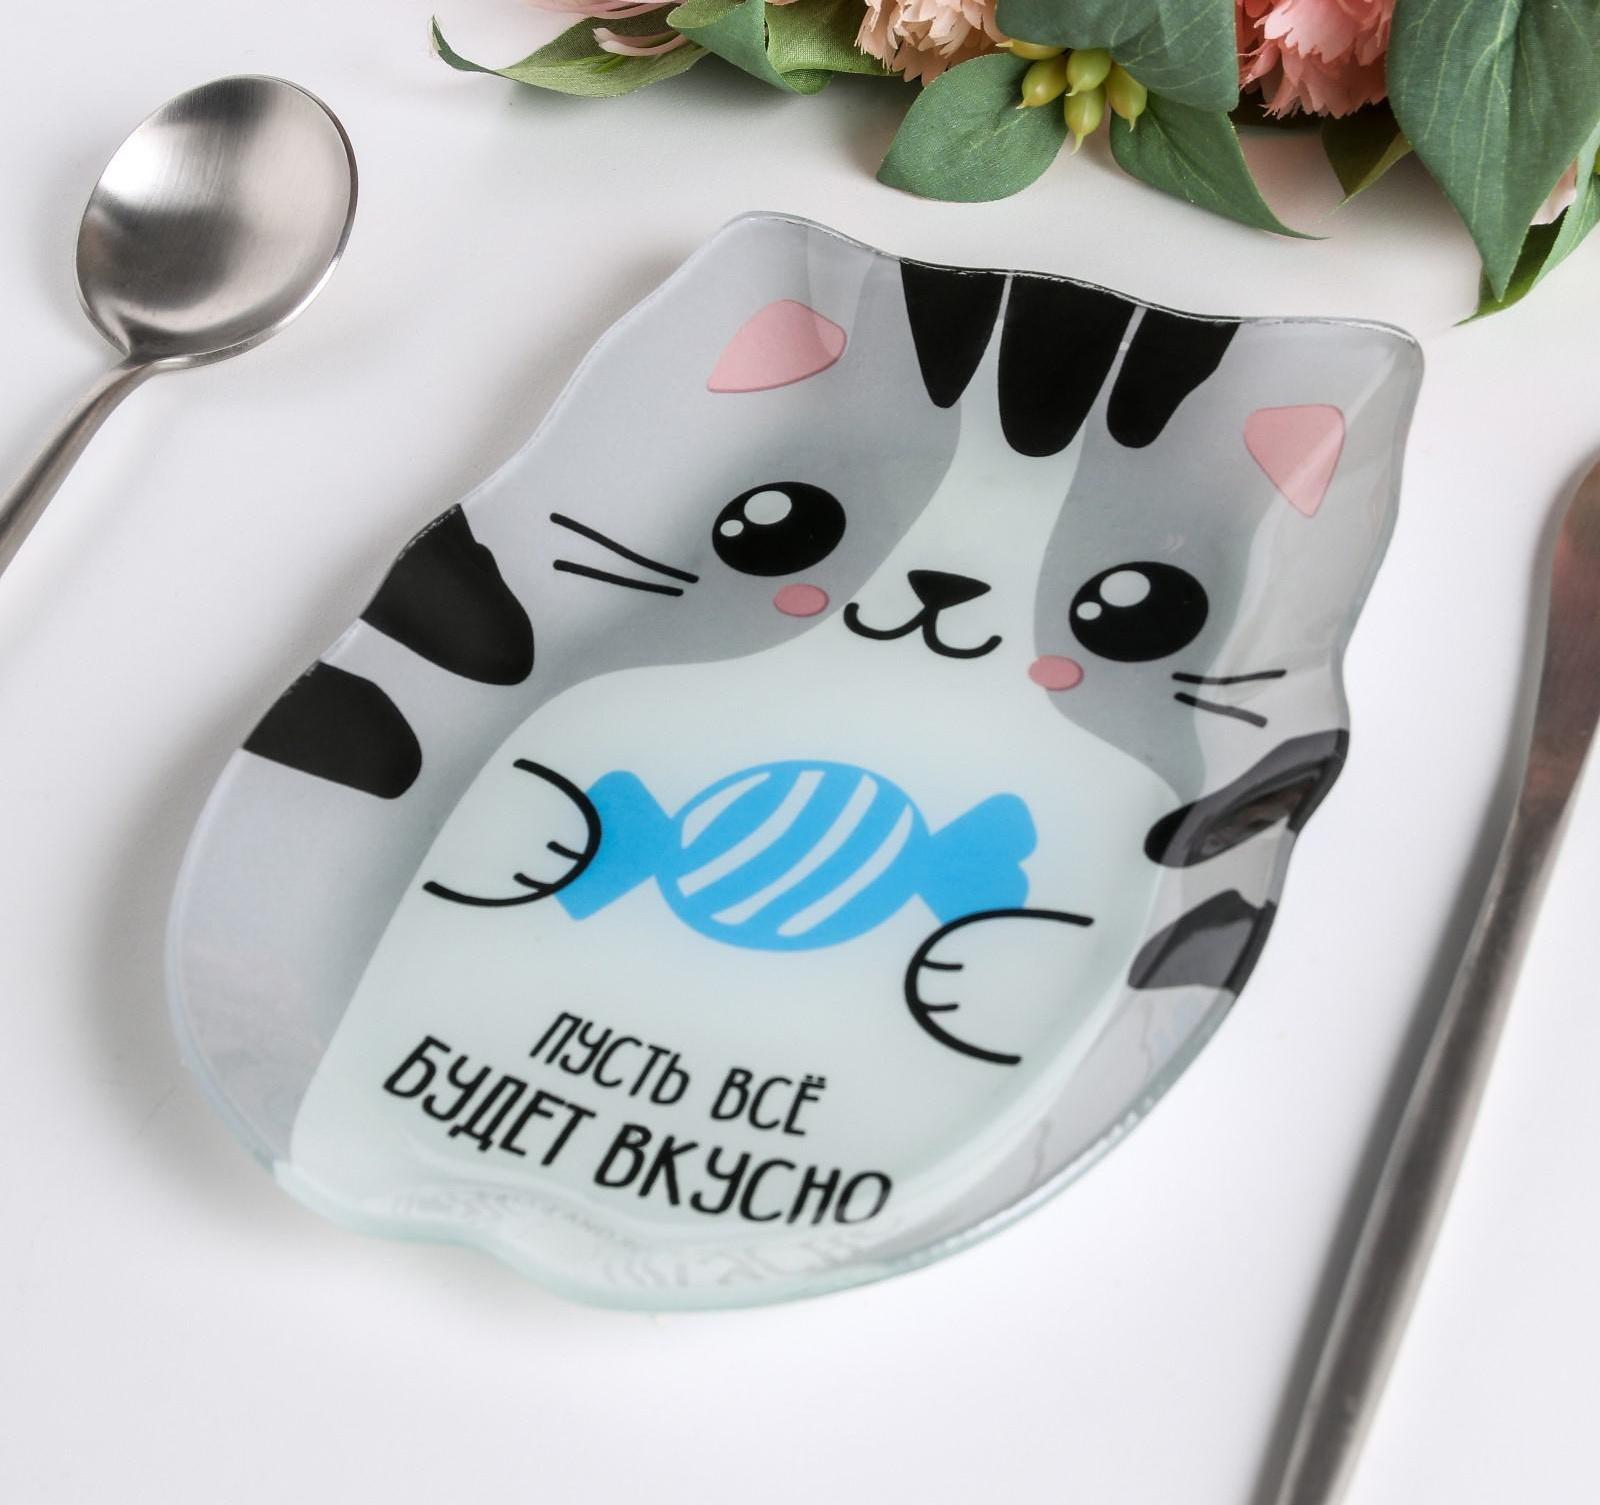 Тарелка котик Пусть всё будет вкусно, 17,2*7,5 см